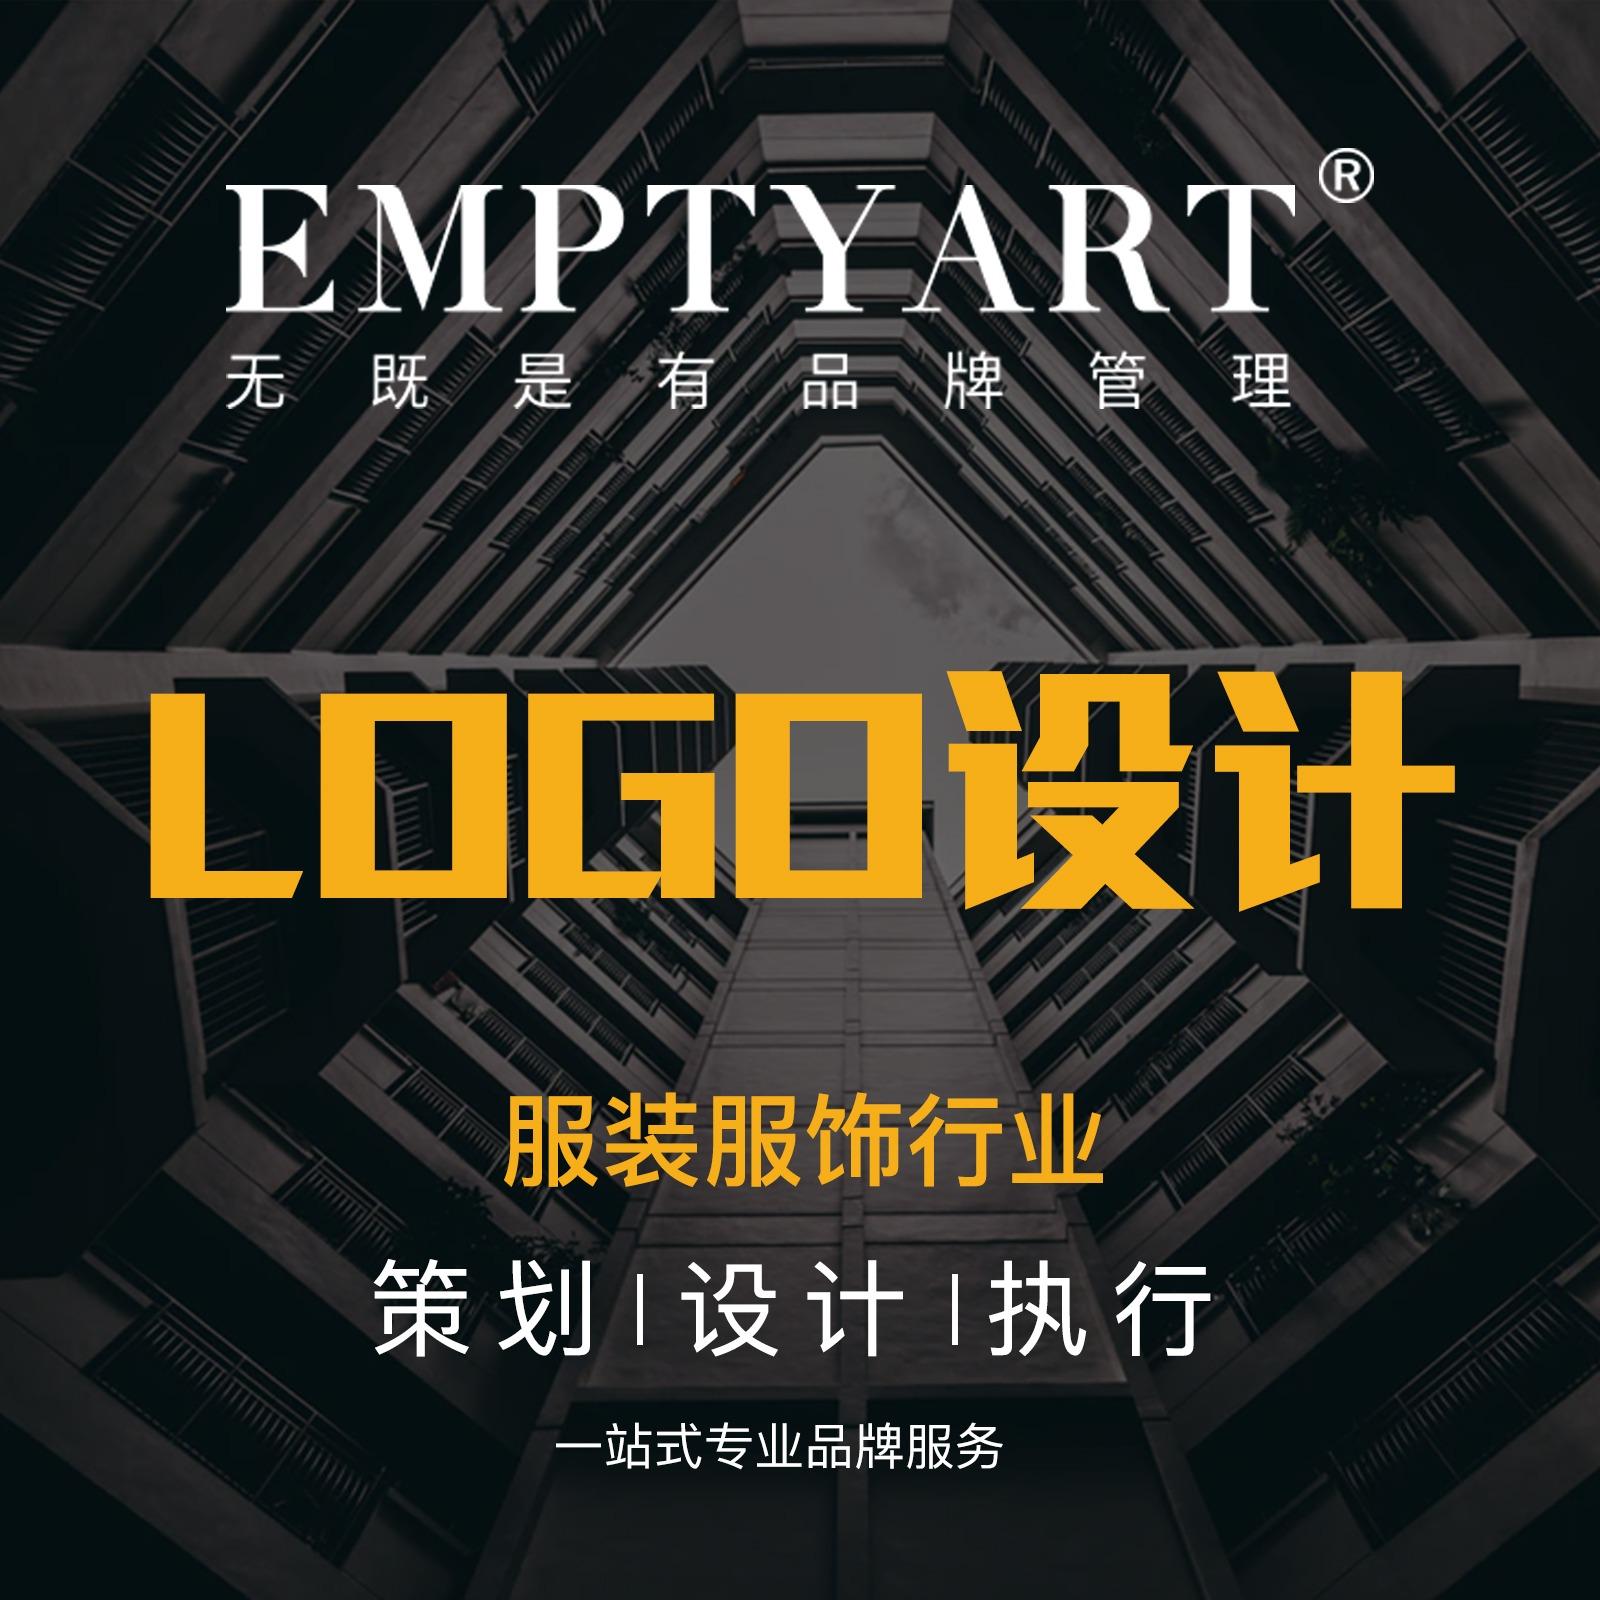 服装服饰行业品牌<hl>logo设计</hl>原创标志商标<hl>LOGO</hl>图标